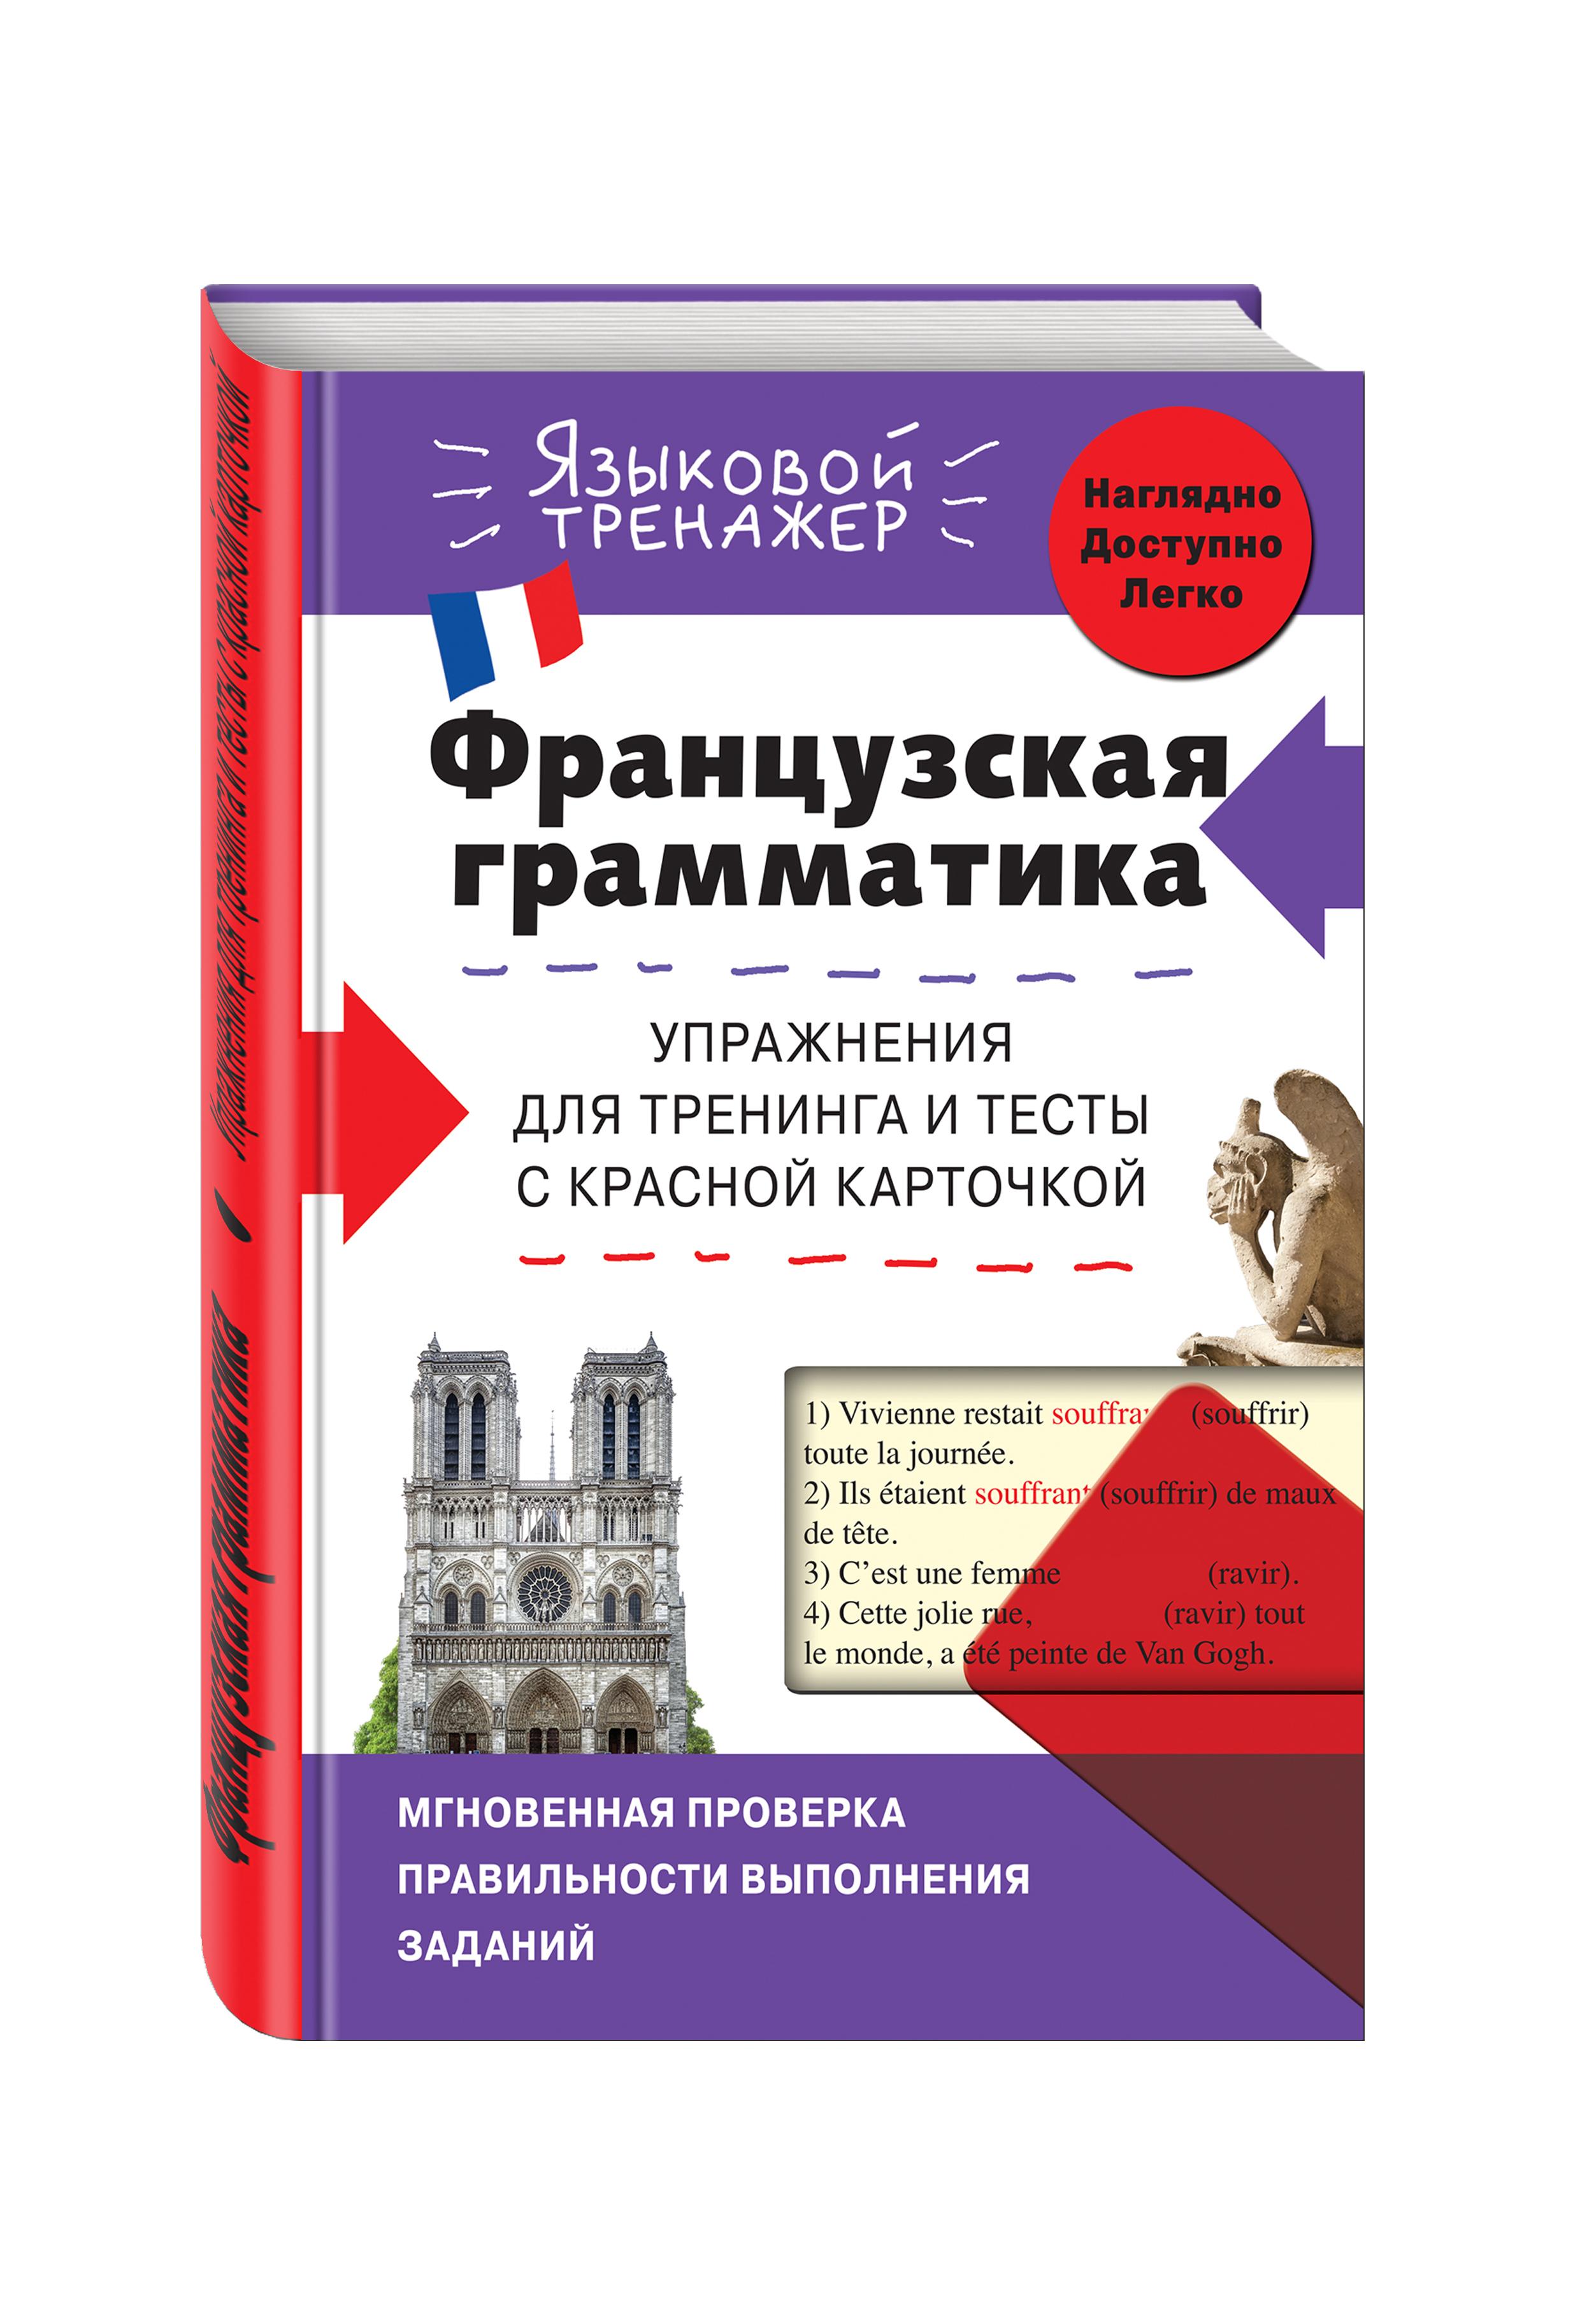 О.С. Кобринец Французская грамматика. Упражнения для тренинга и тесты с красной карточкой